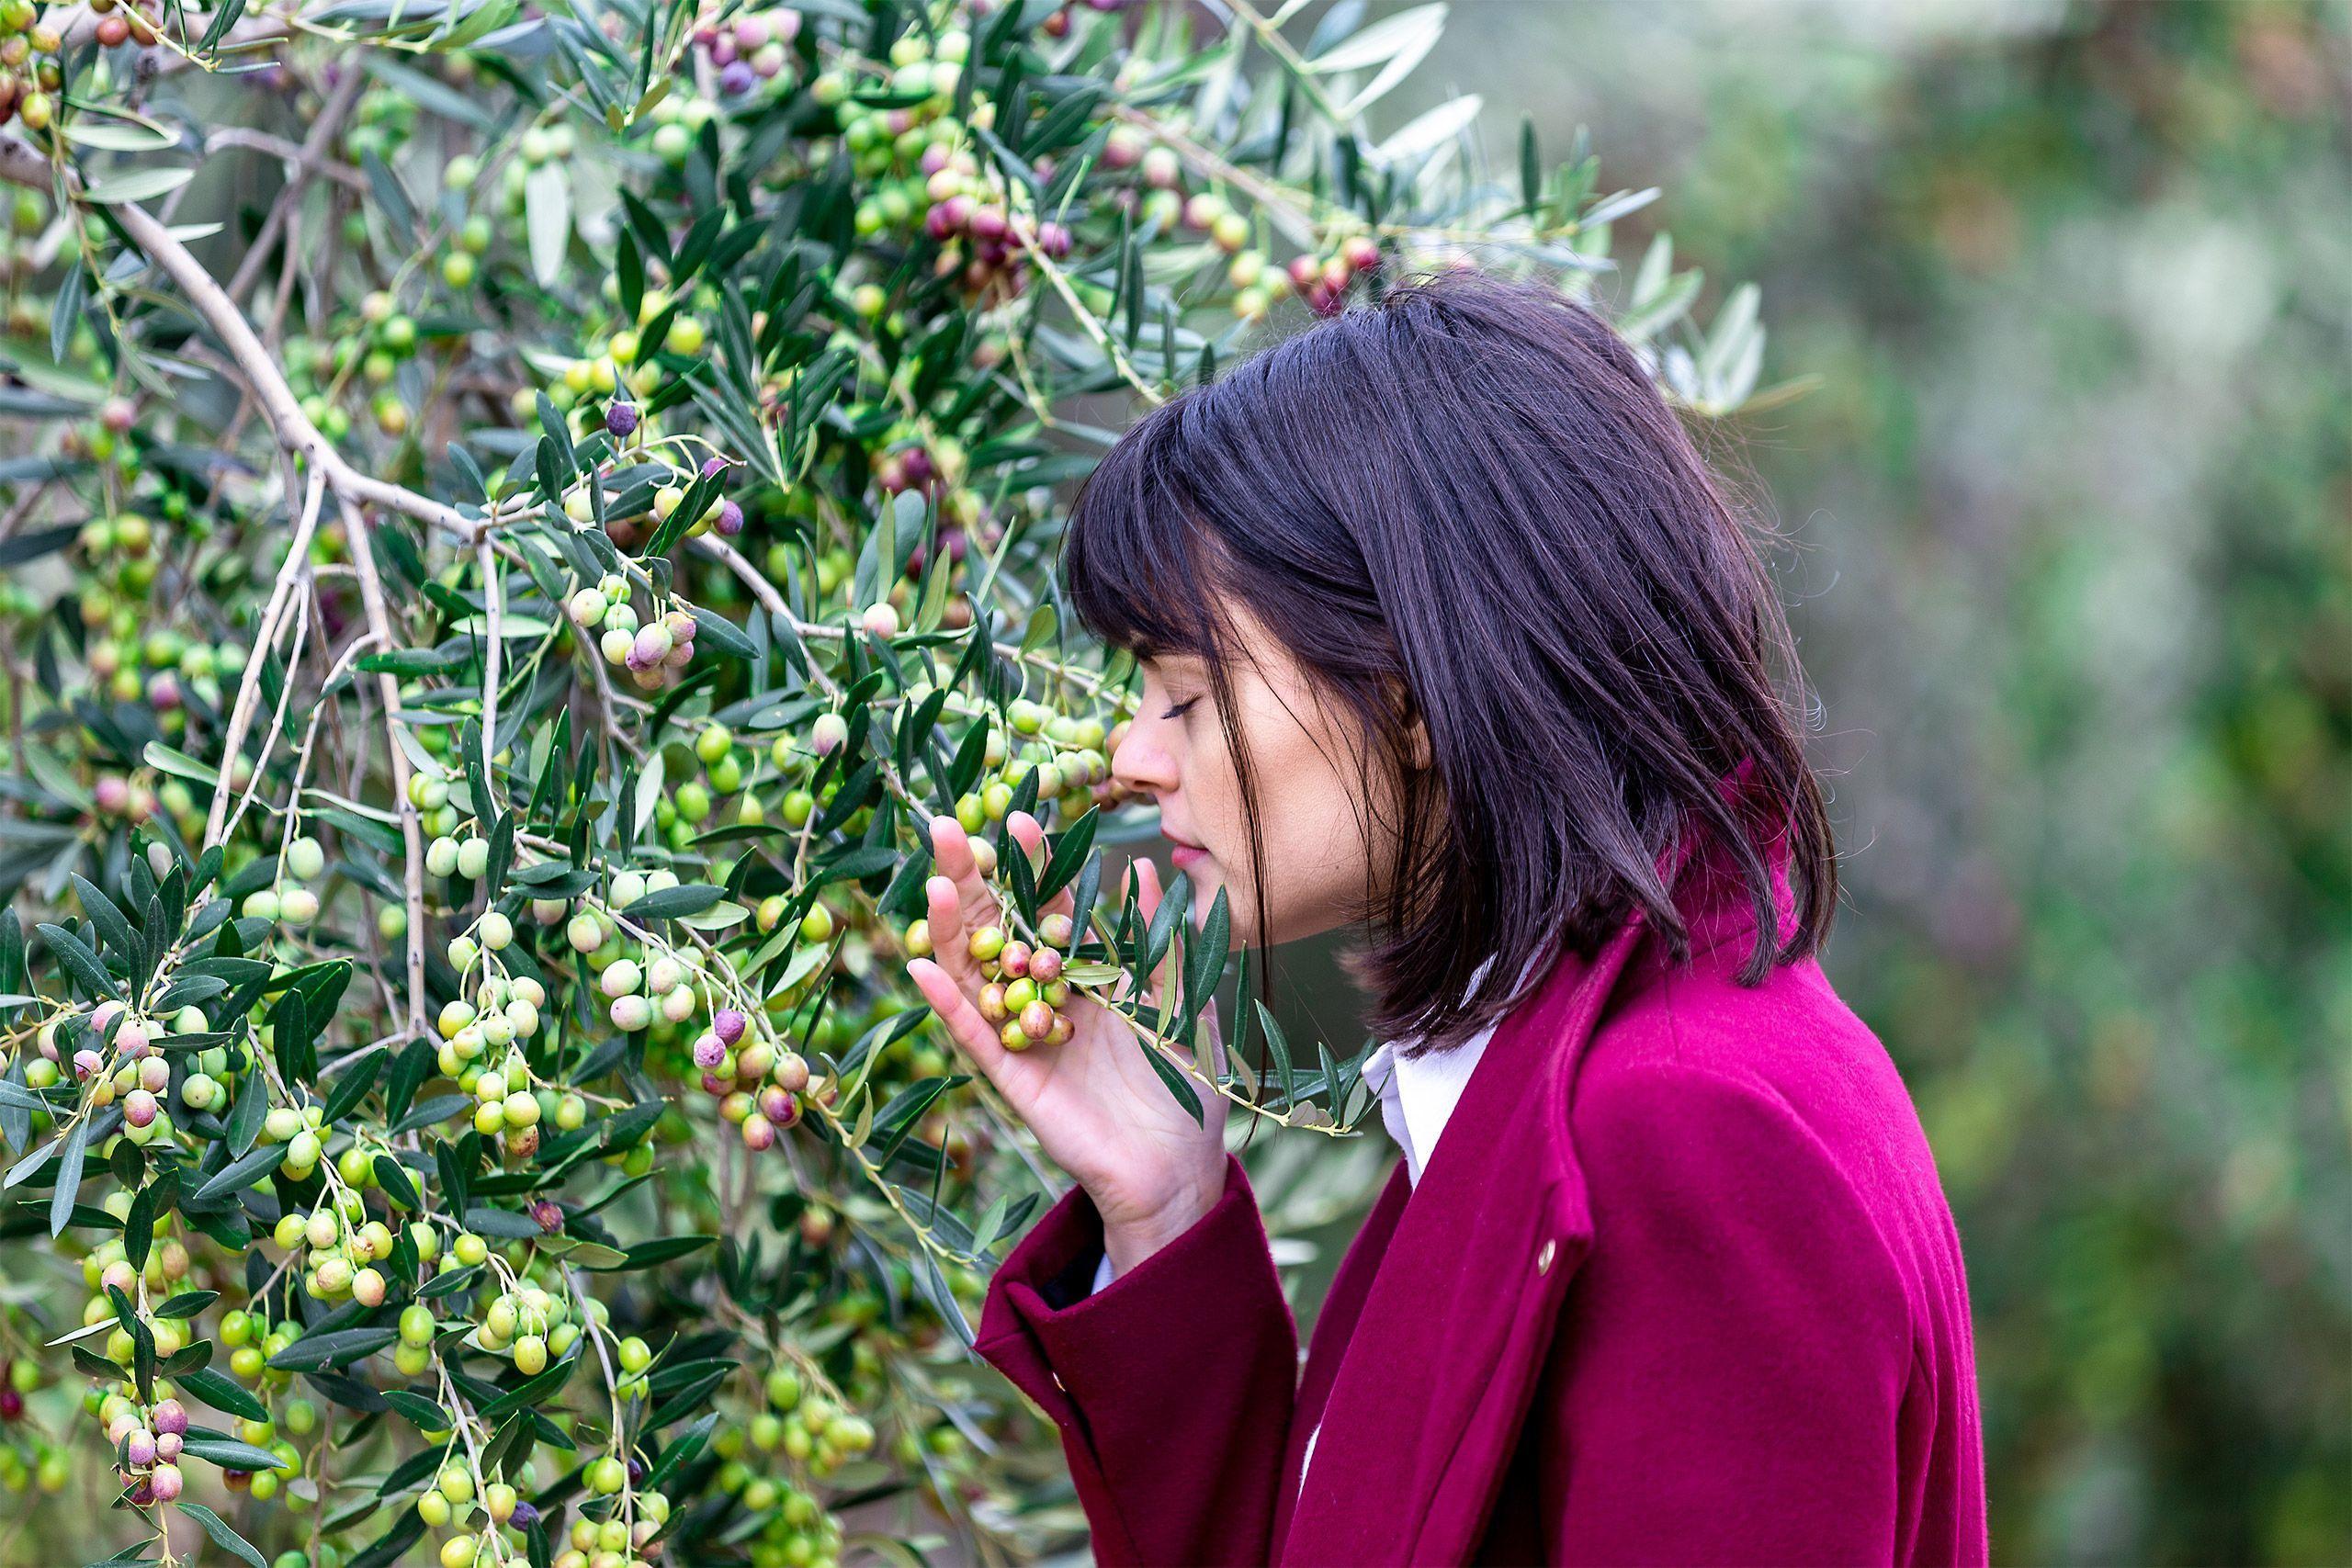 La actriz Cumelen Sanz ha protagonizado el nuevo video promocional para Escornalbou Gourmet - Aceite De Oliva Virgen Extra 100% Arbequina. Cómpralo en nuestra tienda online.